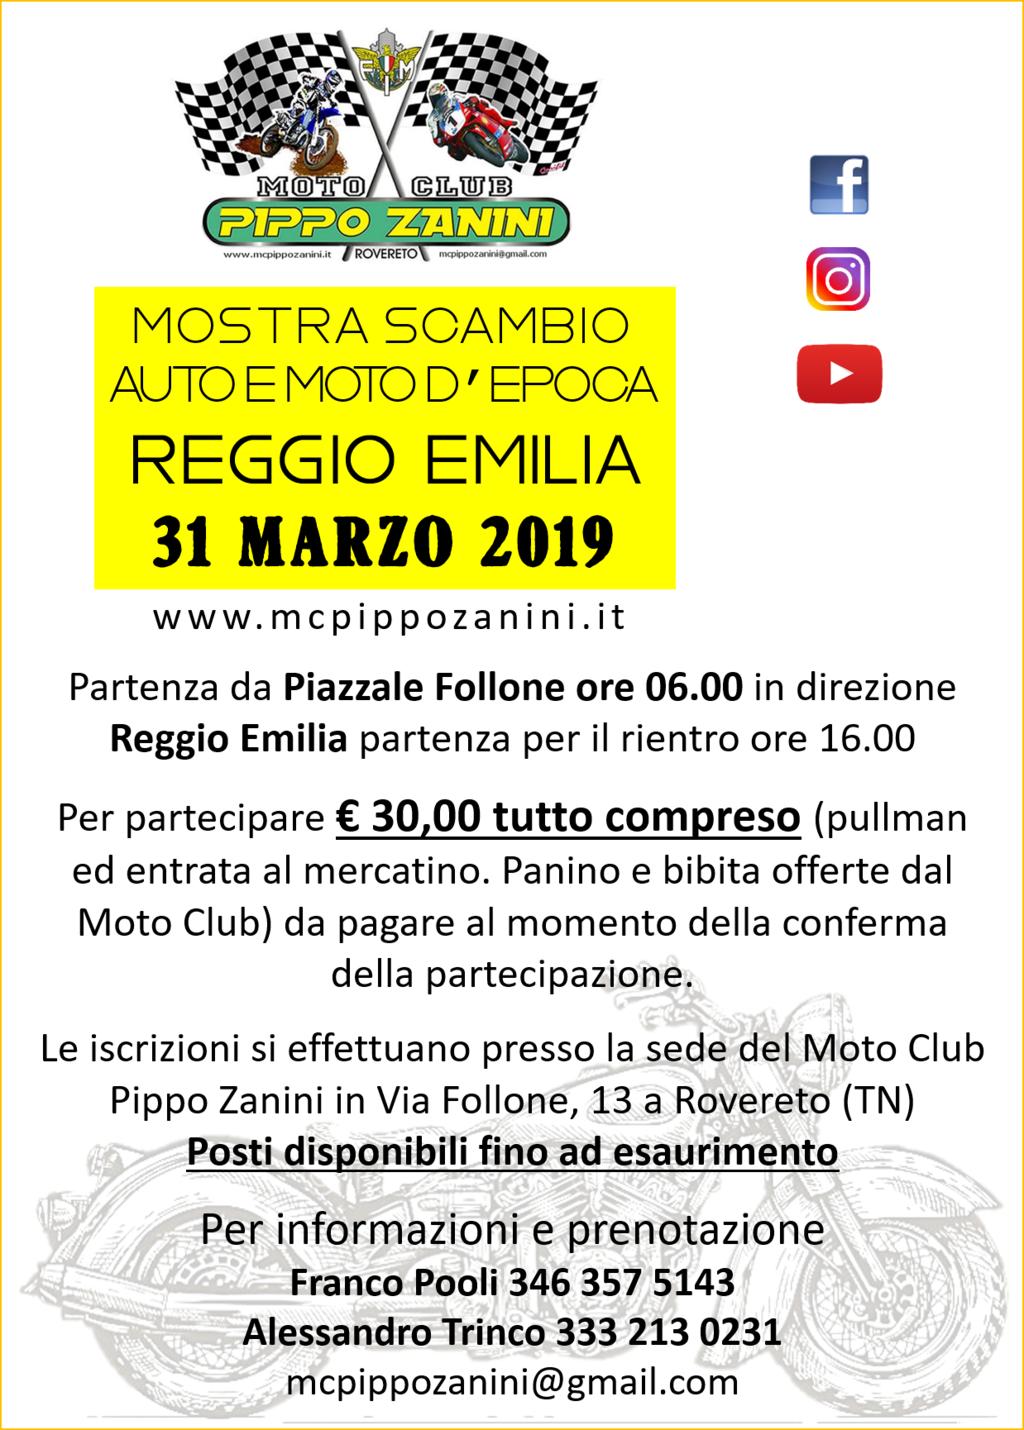 02. Locandina 31 Marzo 2019 - Mostra Scambio Auto e Moto dEpoca Reggio Emilia